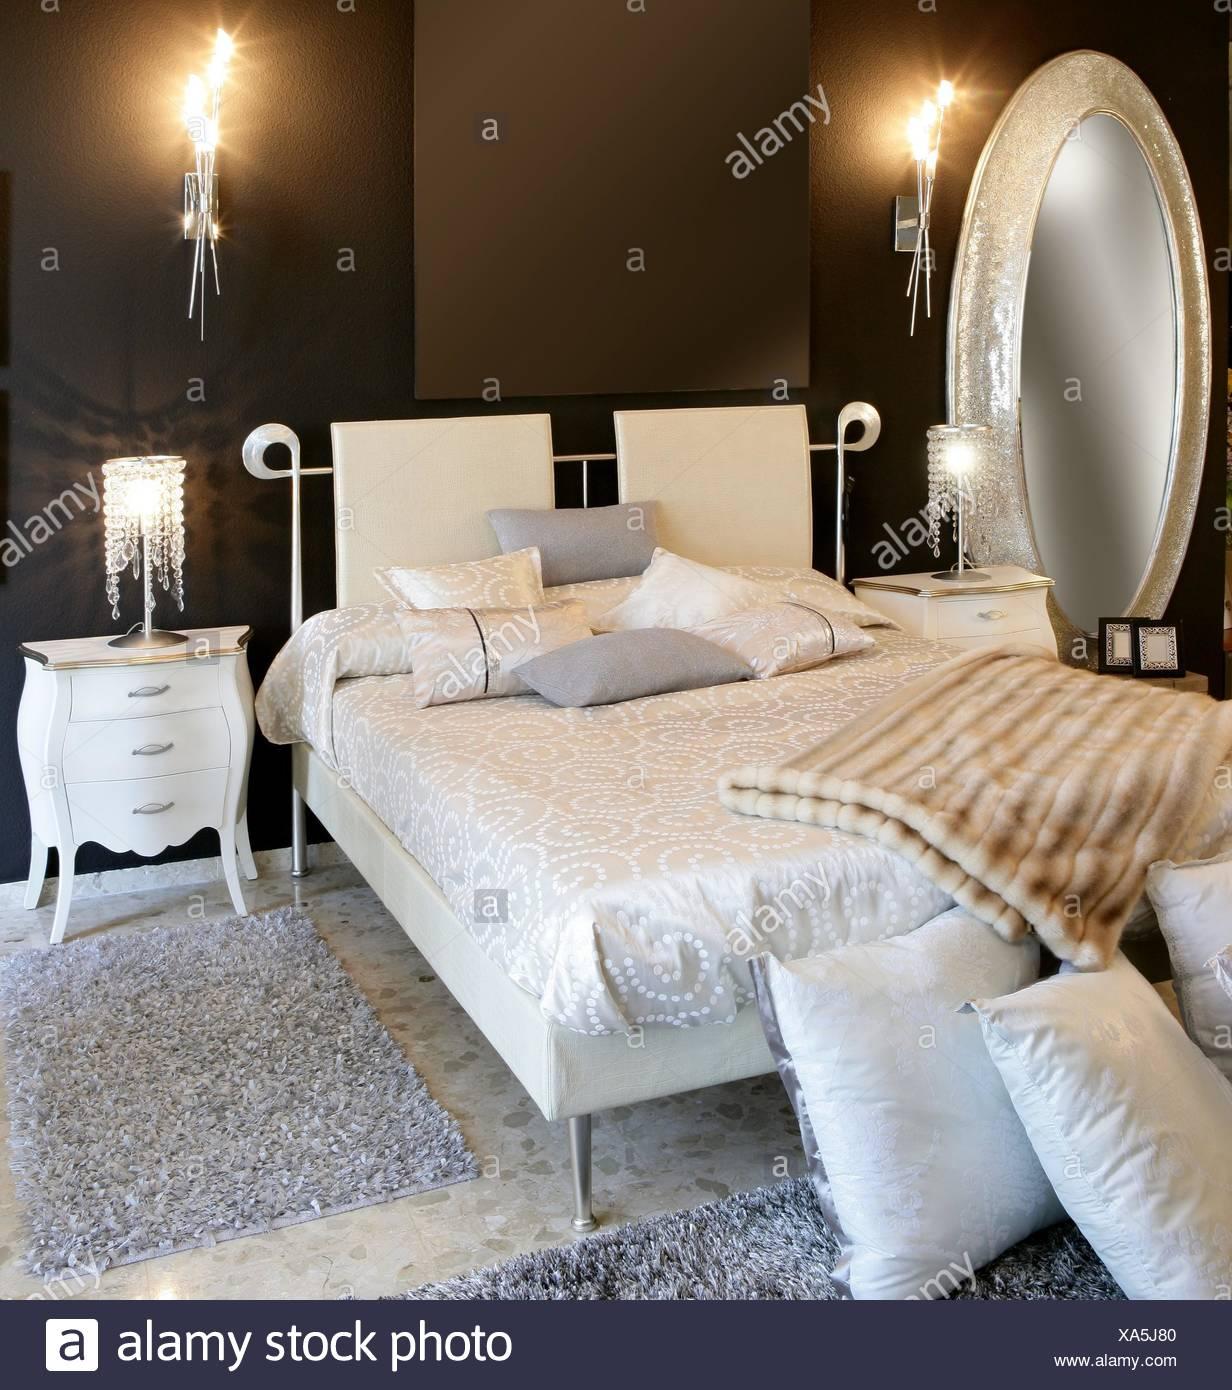 Merveilleux Miroir Ovale Argenté Moderne Chambre à Coucher Lit Blanc Mur Noir